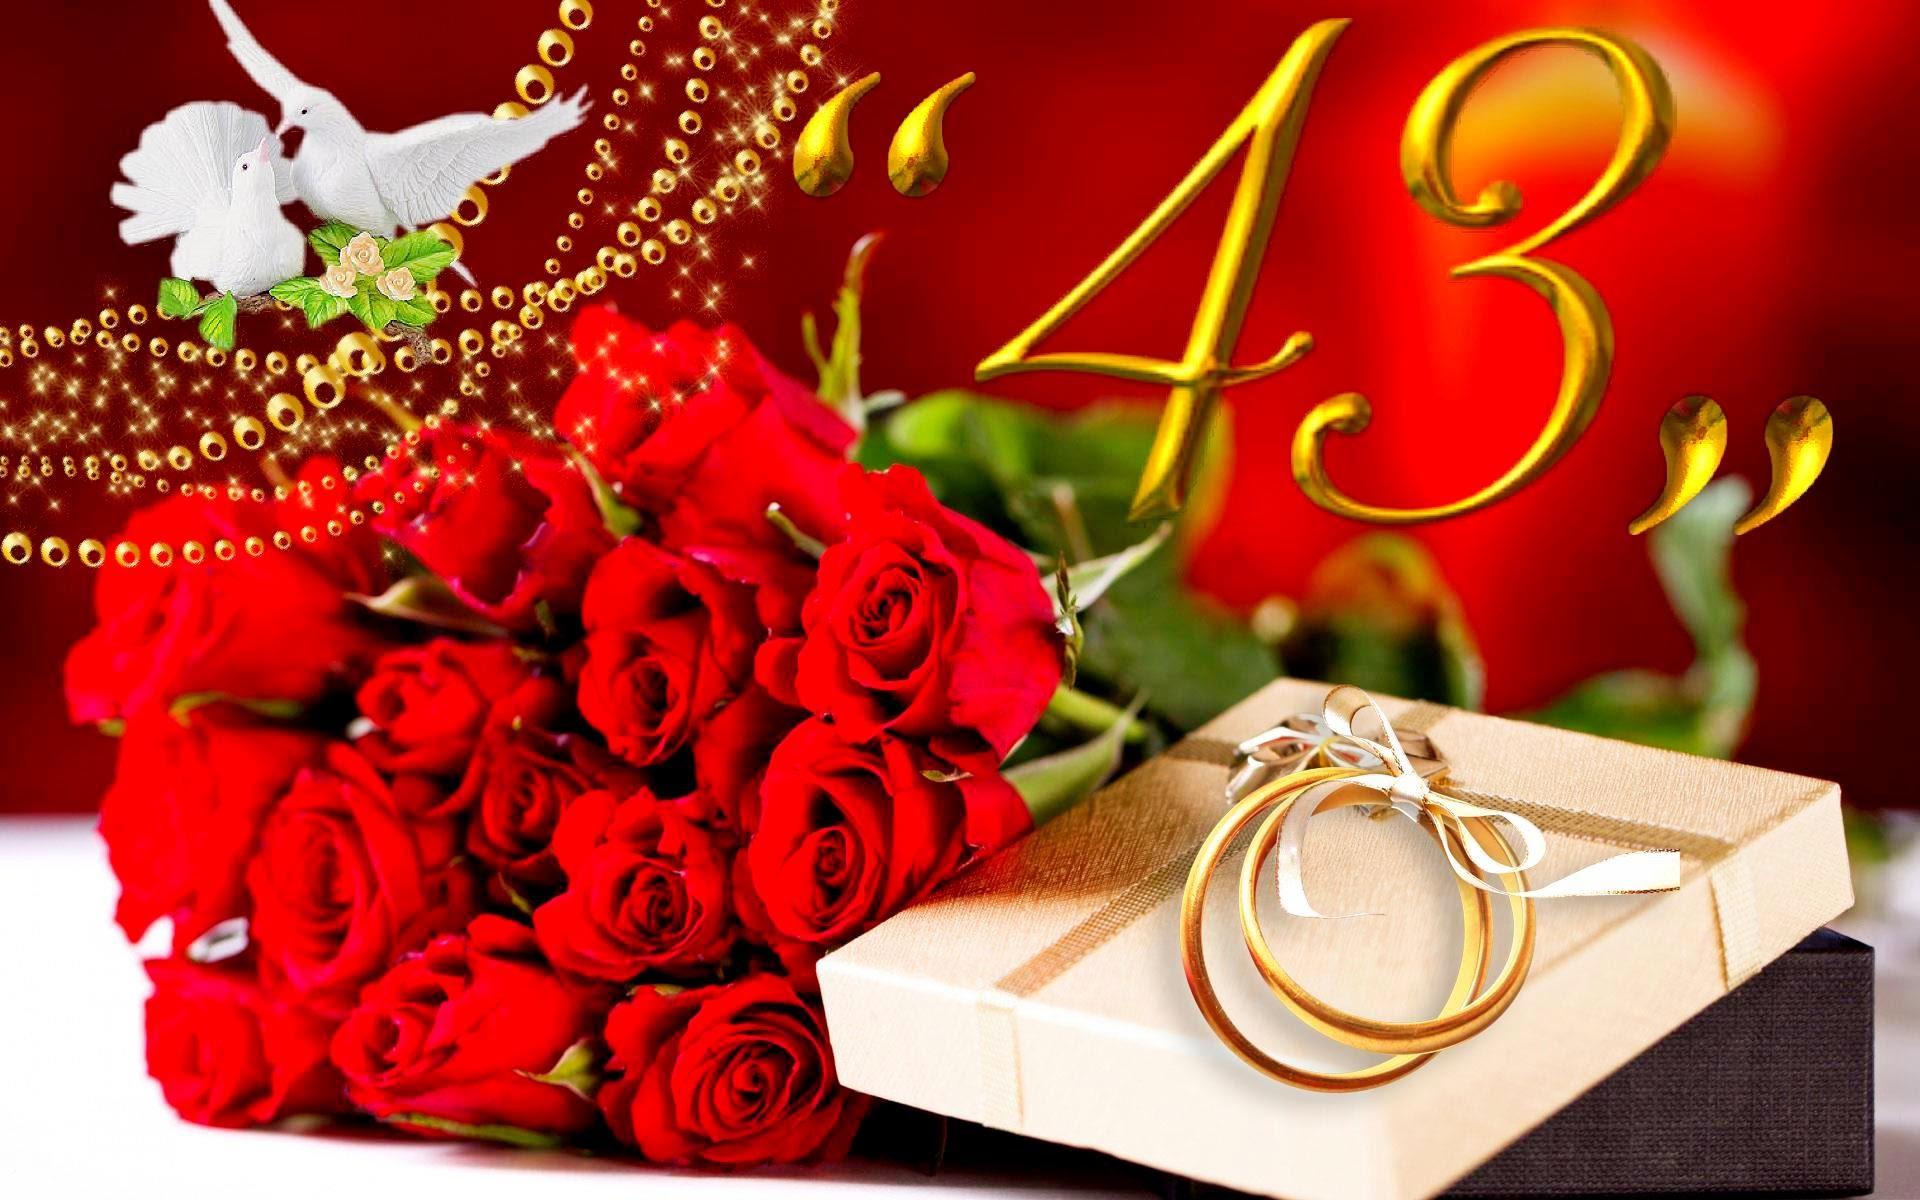 Открытка на 43 летием свадьбы, днем рождения